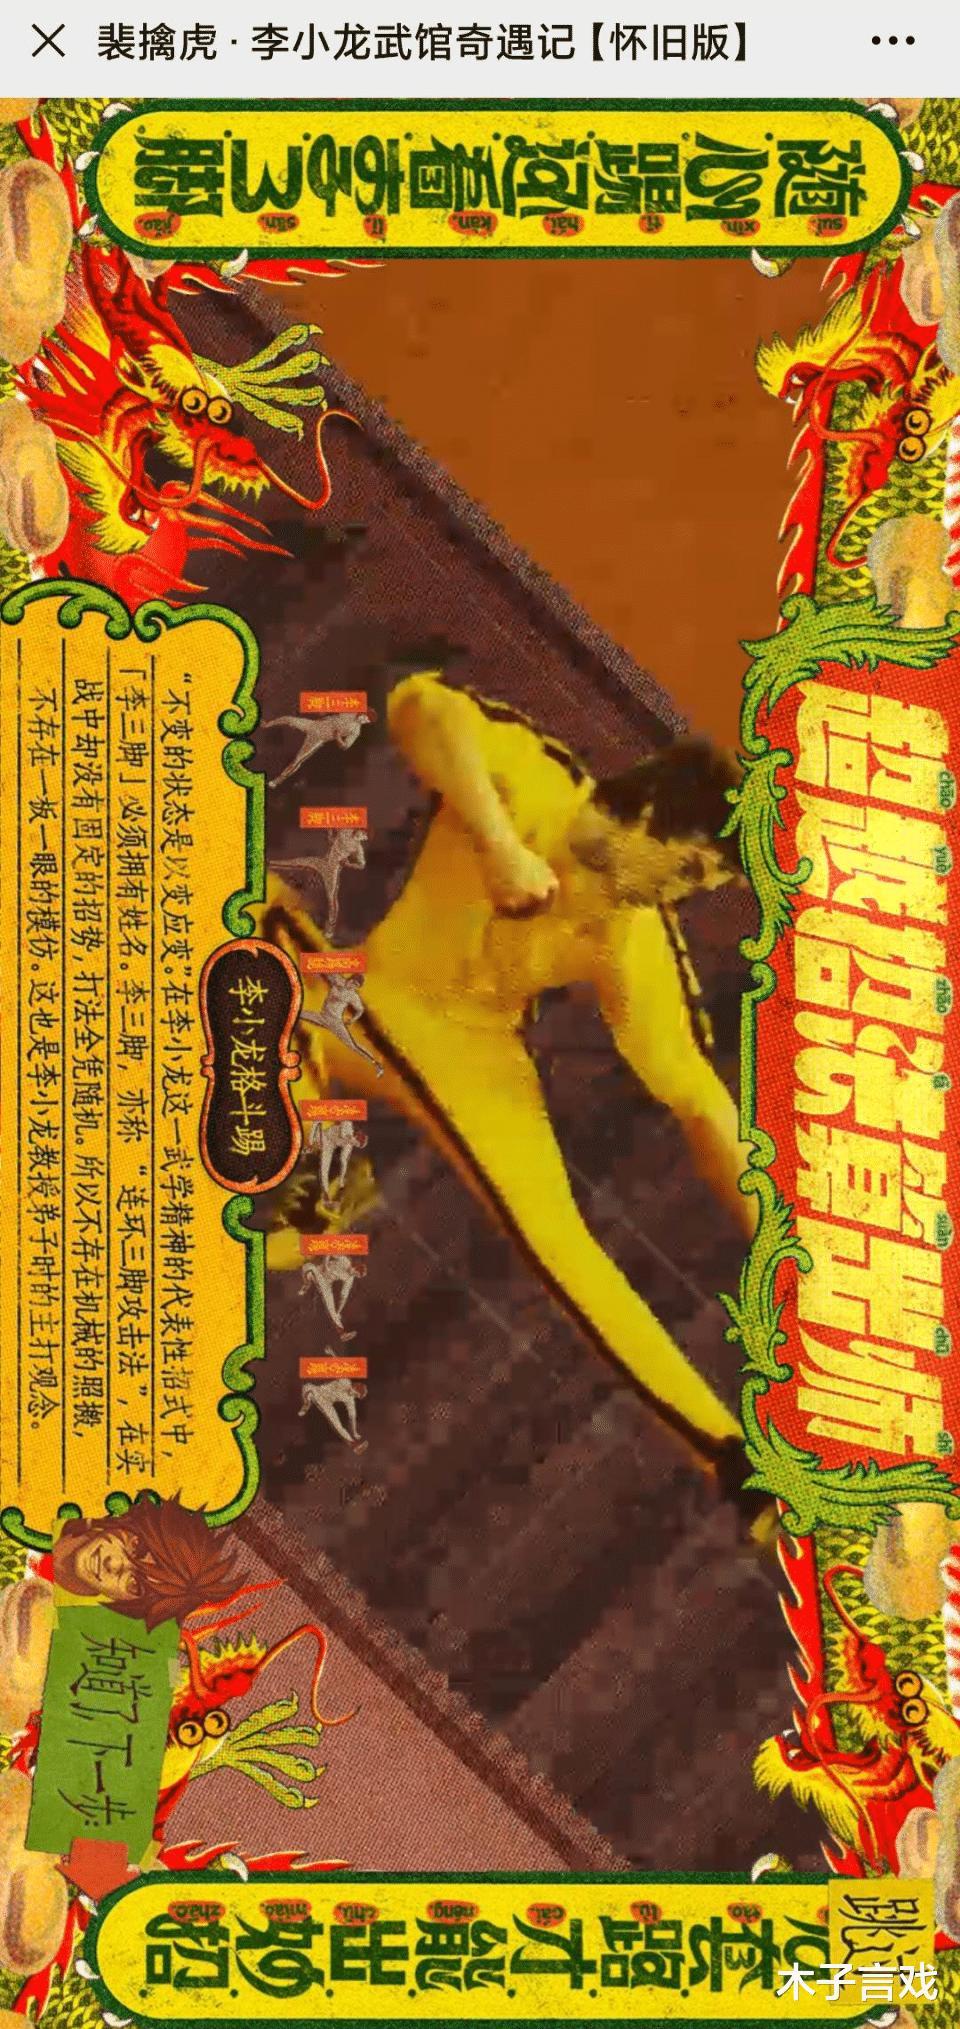 易烊千玺联名王者荣耀开启五周年:李小龙28号上线,特效意外曝光插图(5)